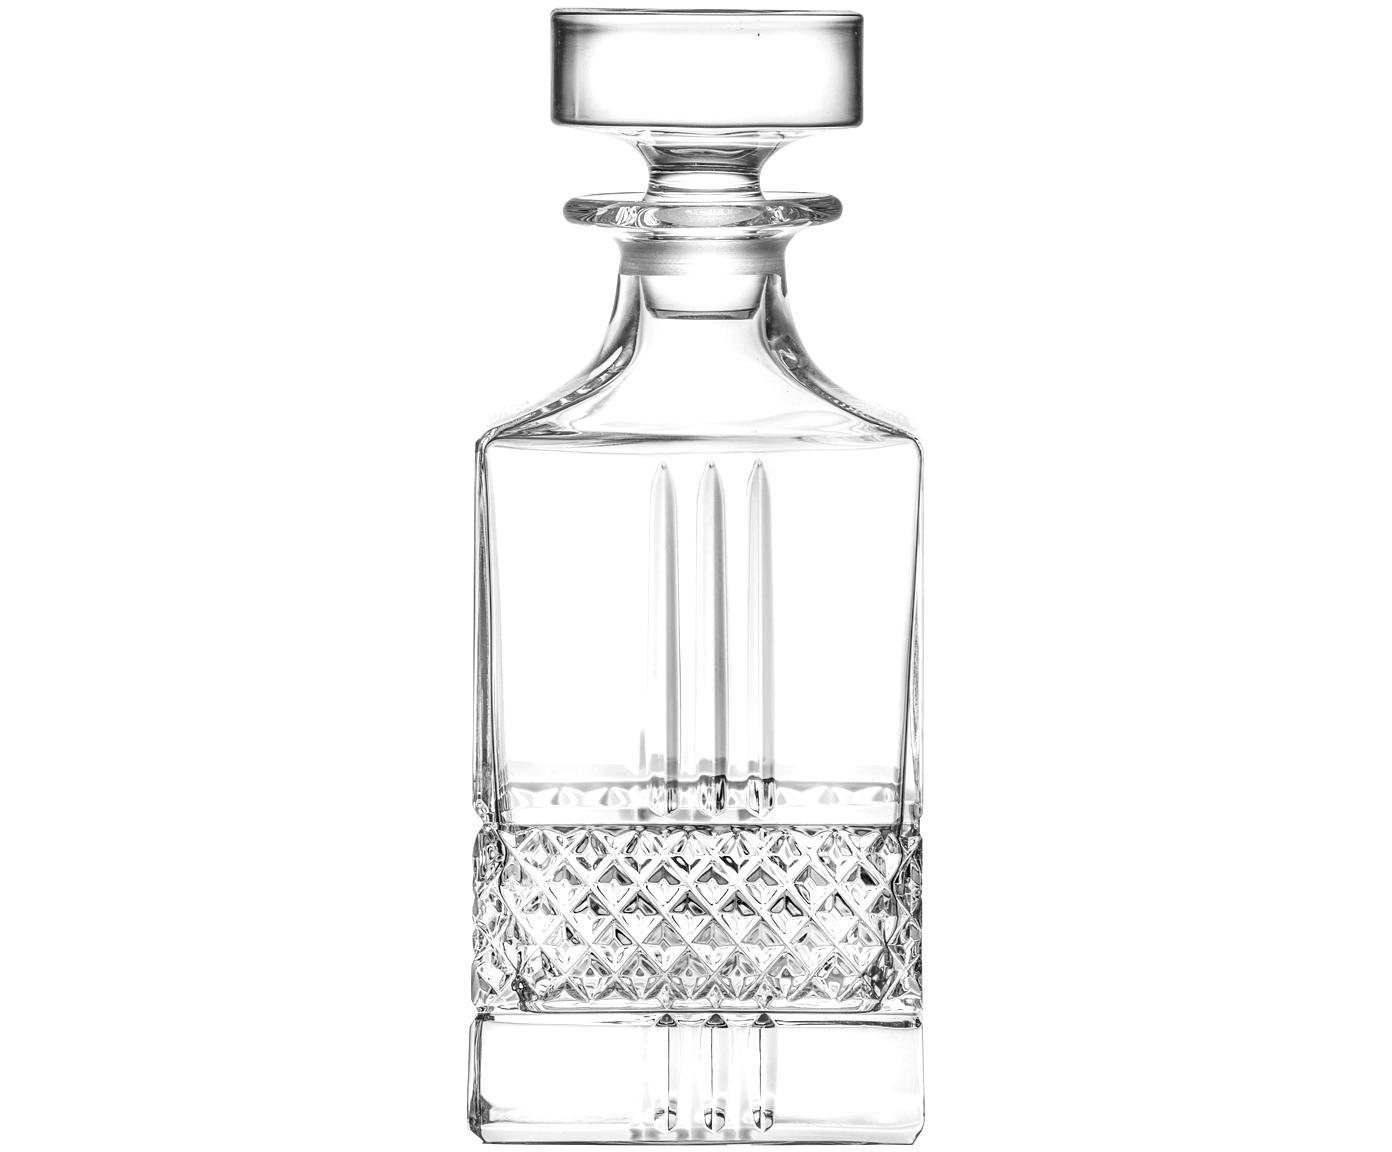 Kryształowy dekanter Calicavino, Szkło kryształowe, Transparentny, W 19 cm